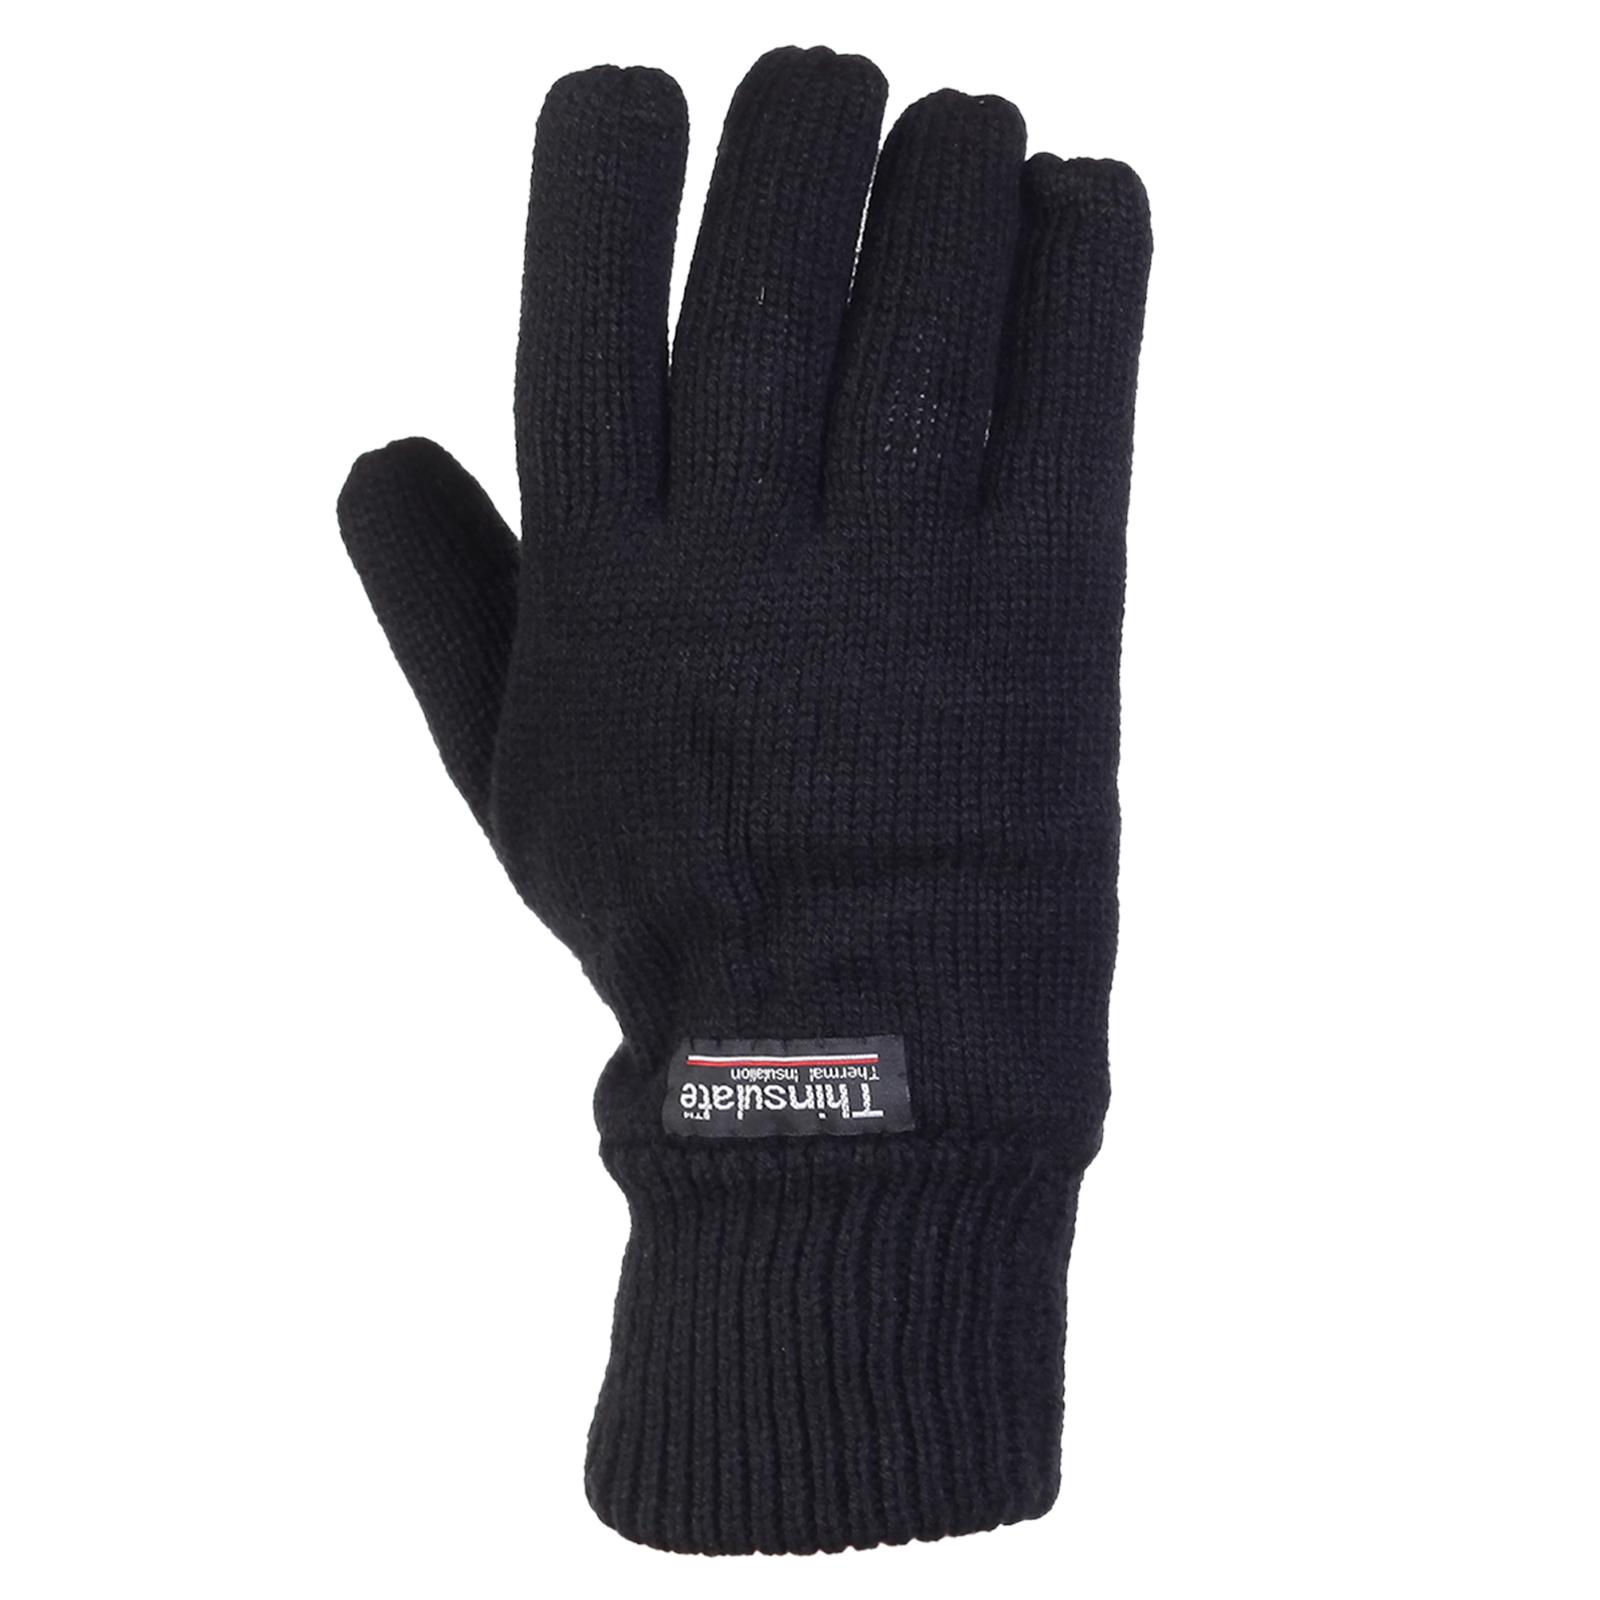 Купить в интернет магазине мужские перчатки на зиму